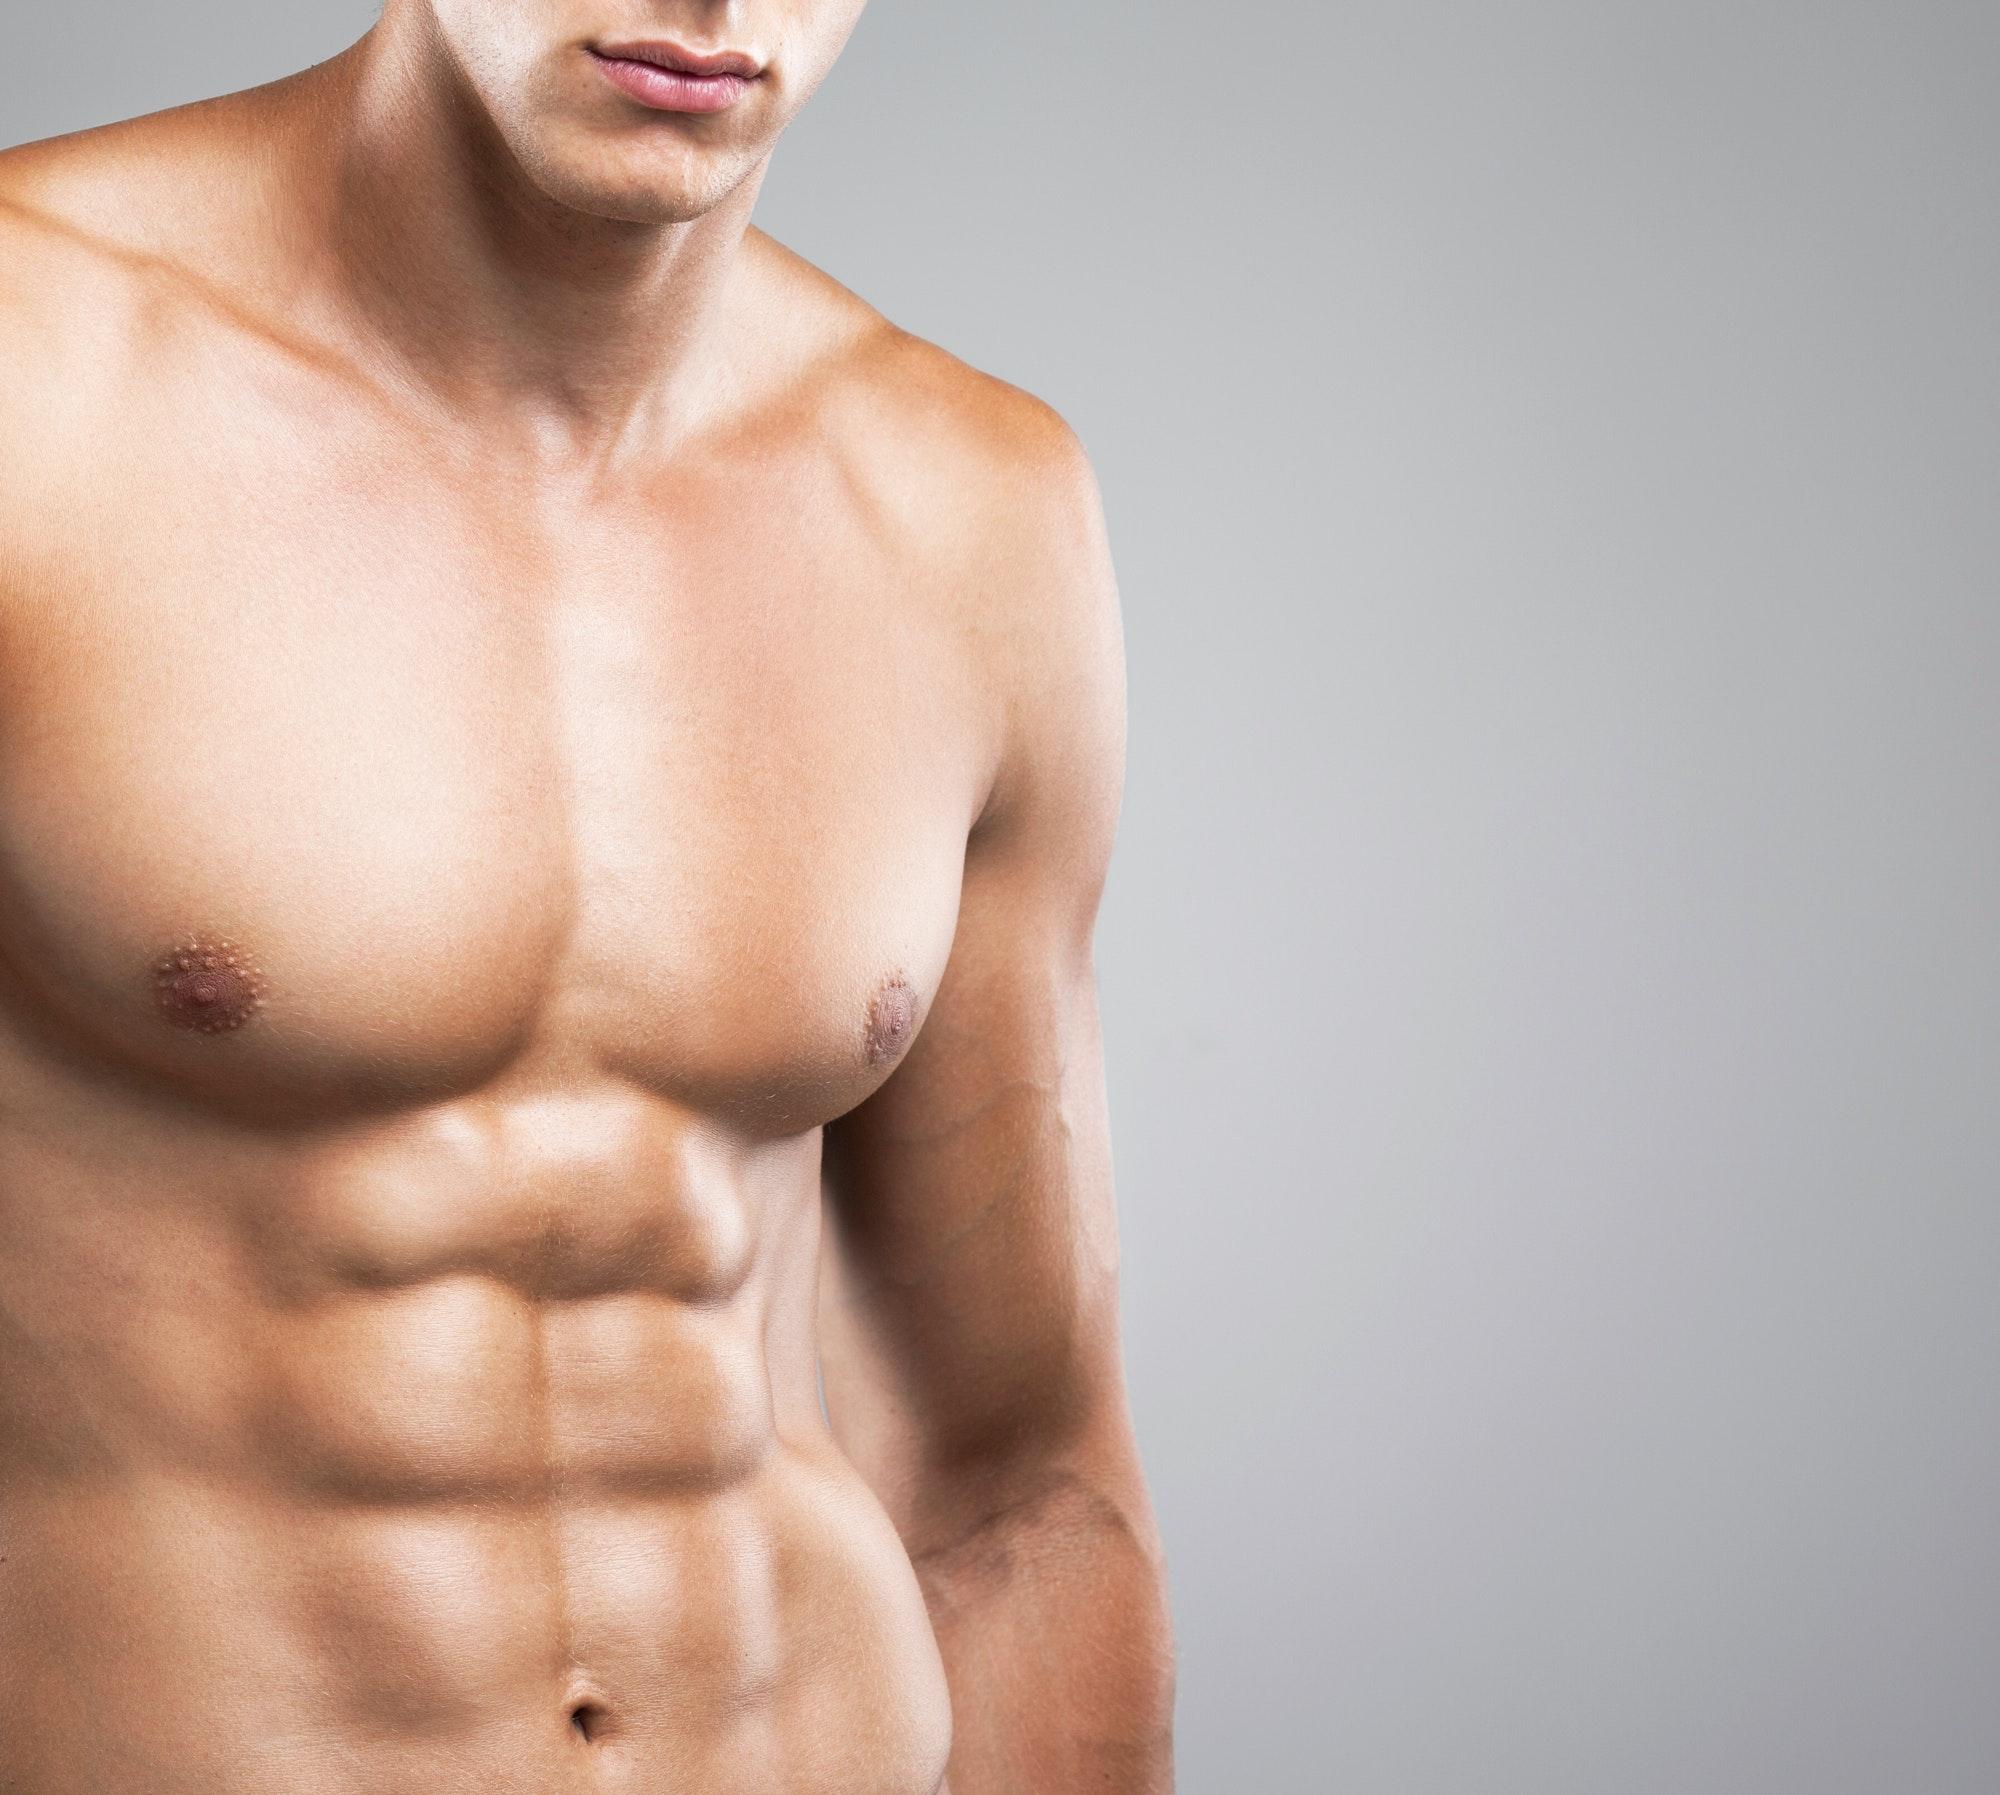 bygge muskler og gå ned i vekt